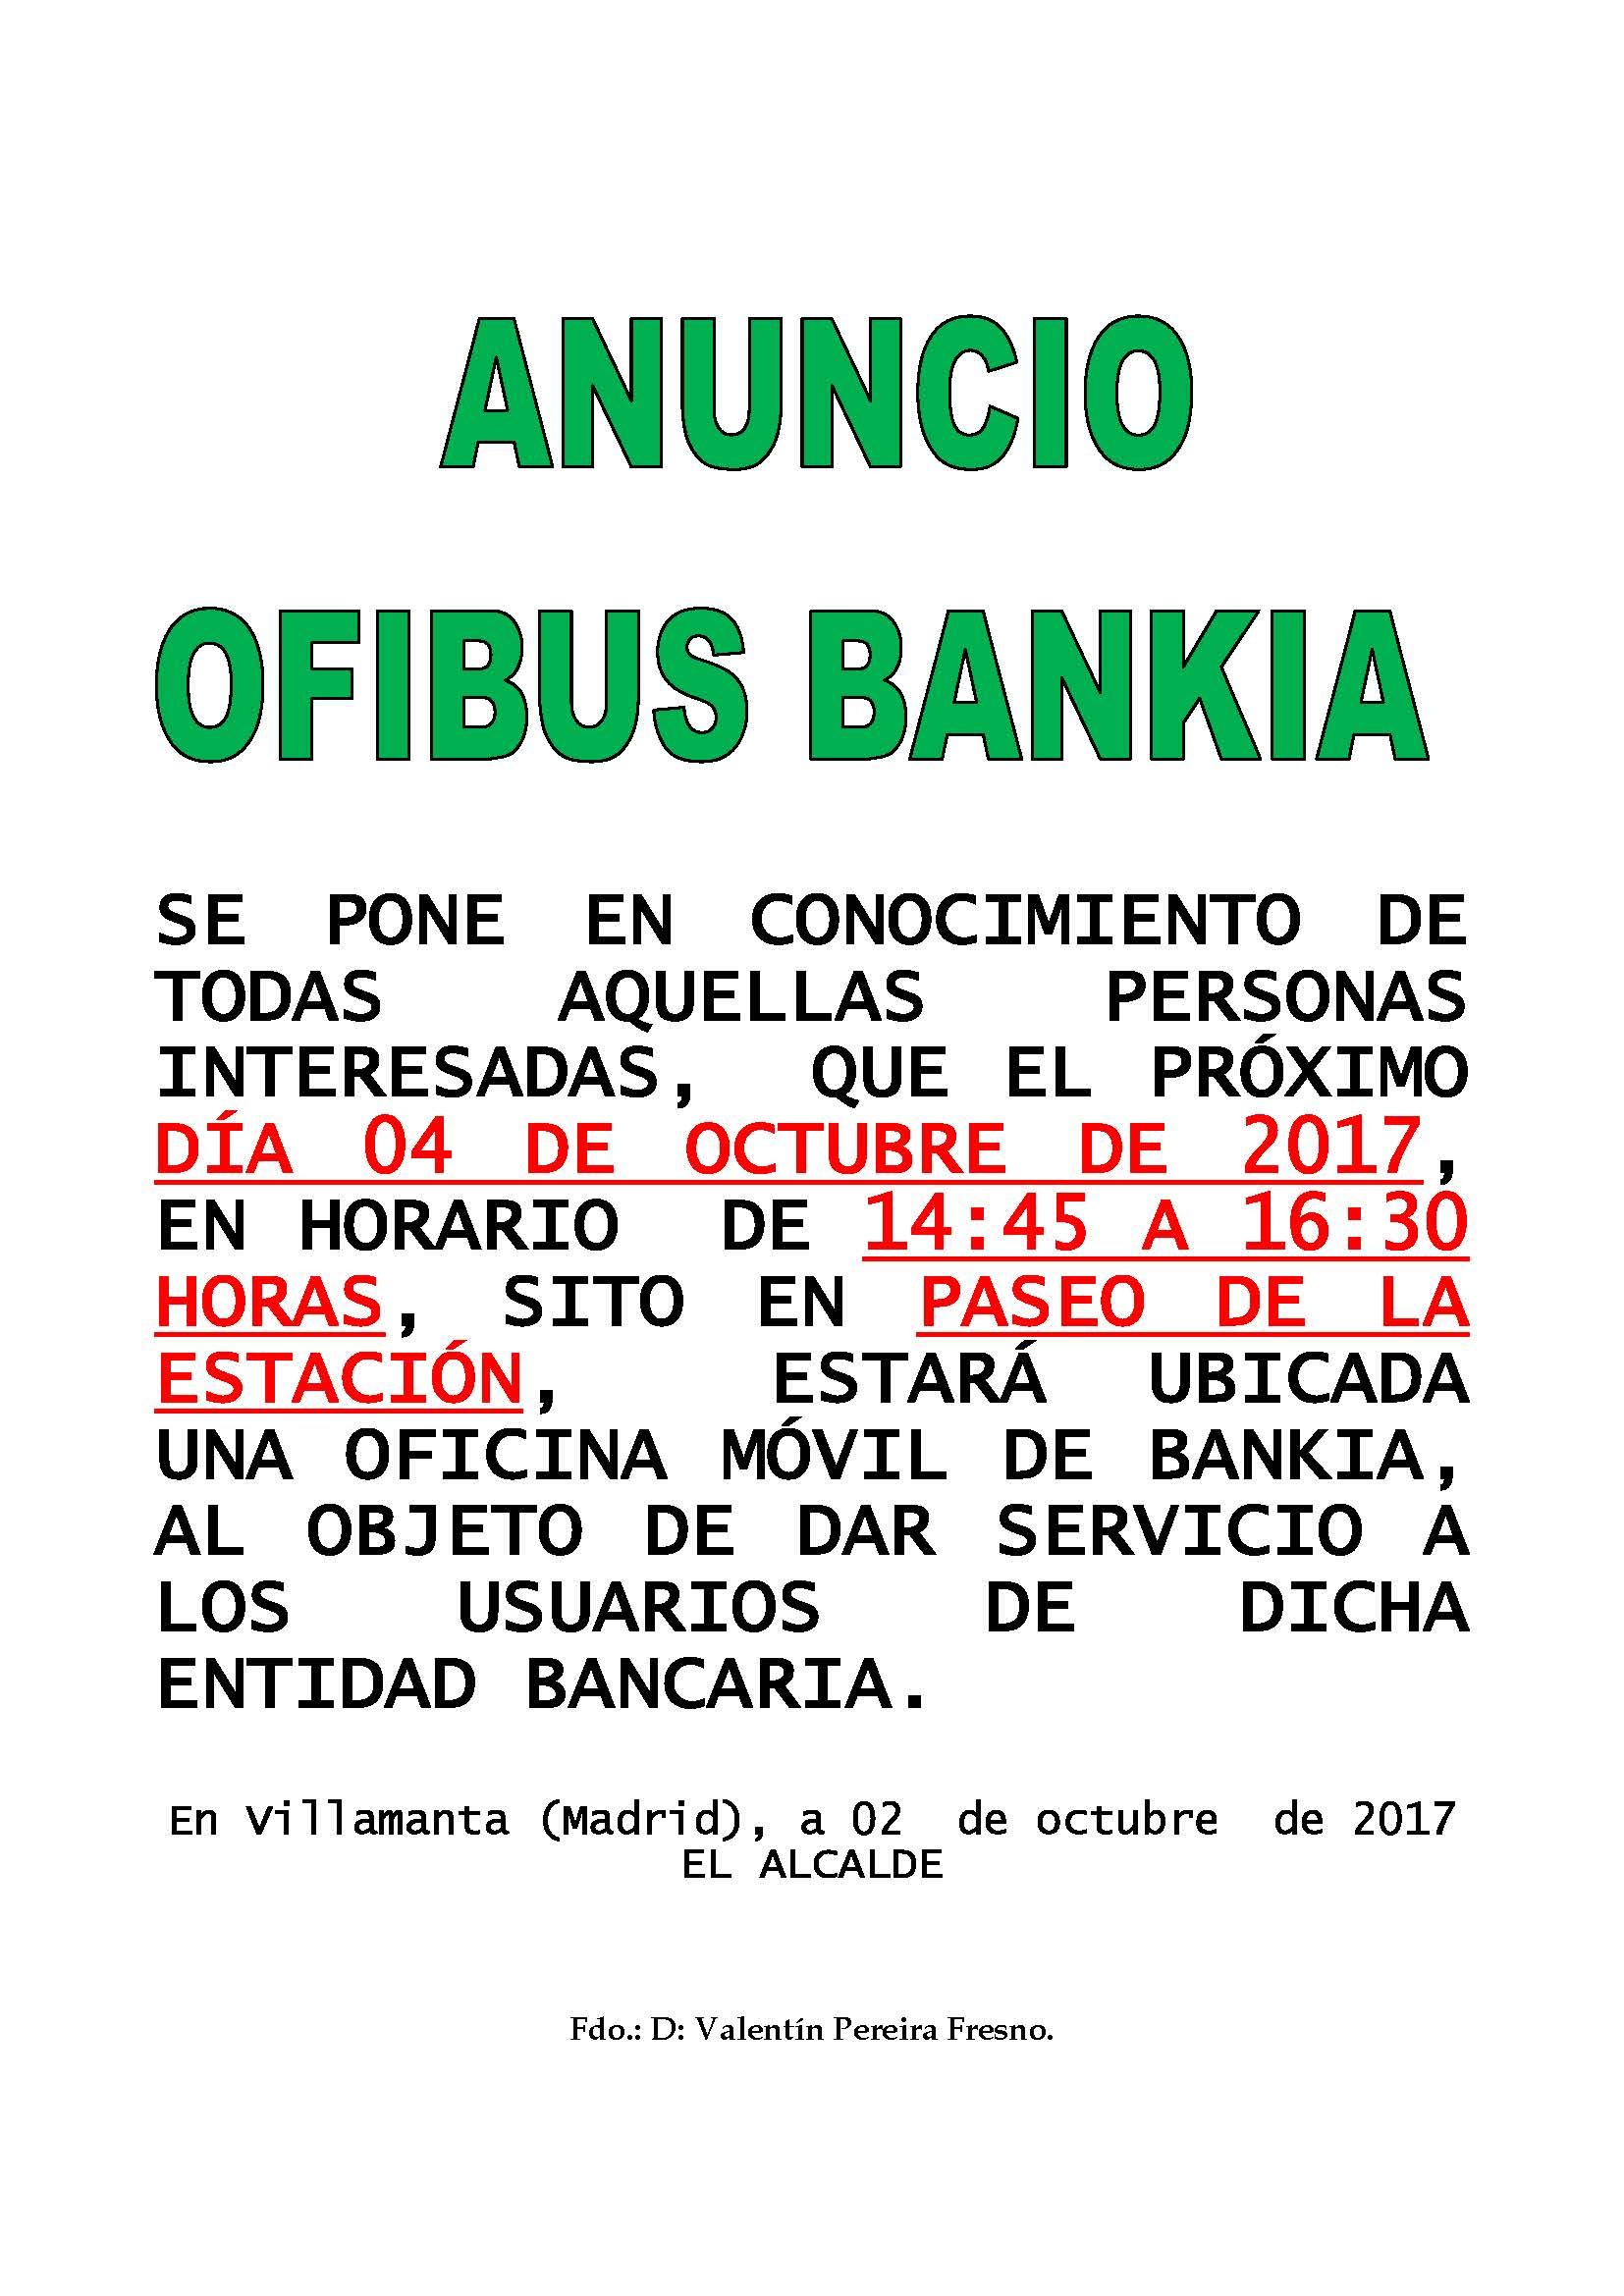 Ofibus Bankia 4 de octubre